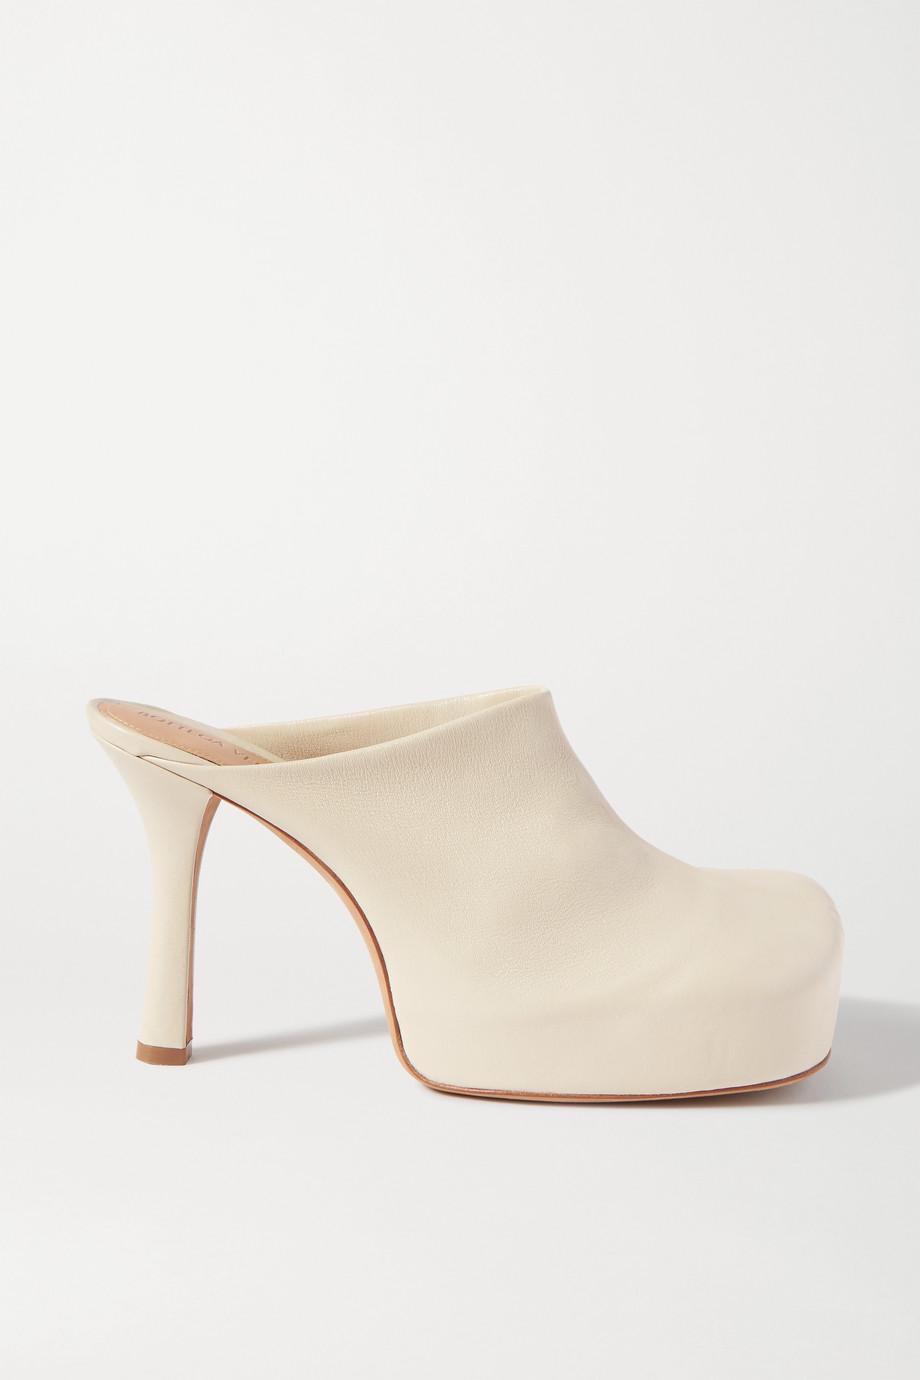 Bottega Veneta 皮革防水台穆勒鞋